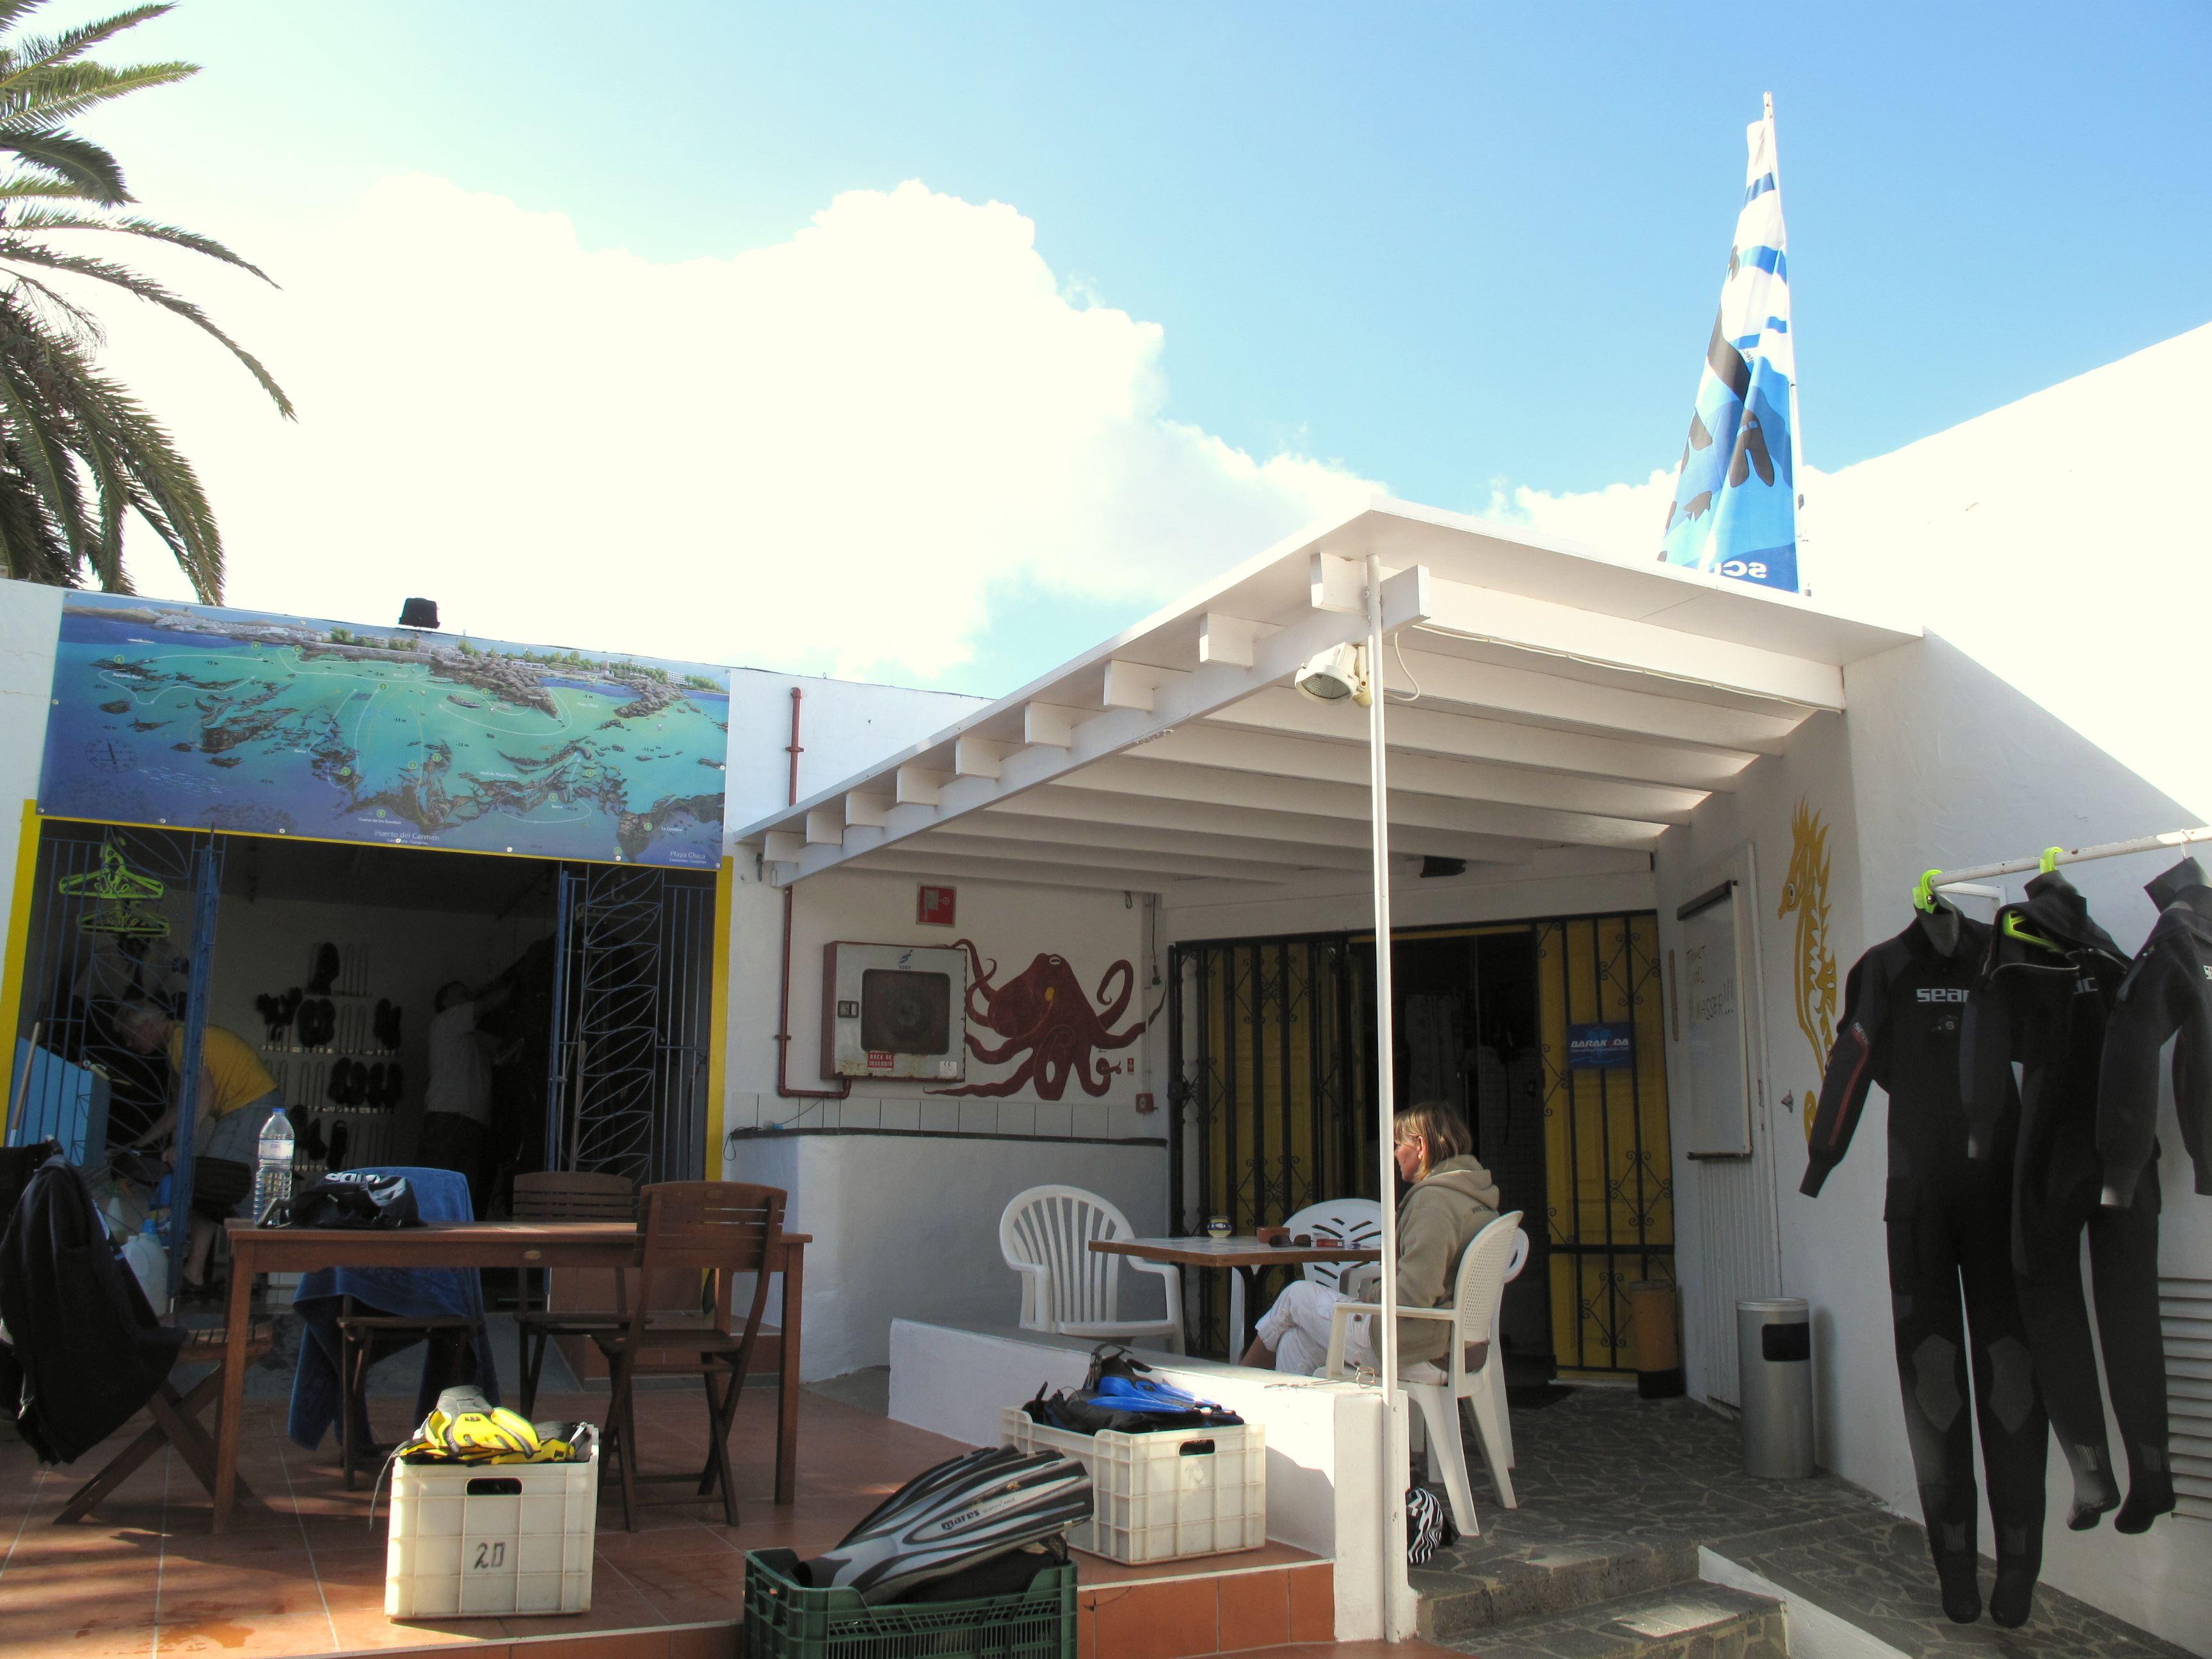 Dykning, Arena Dorada, Puerto del Carmen Lanzarote, Signaturresor